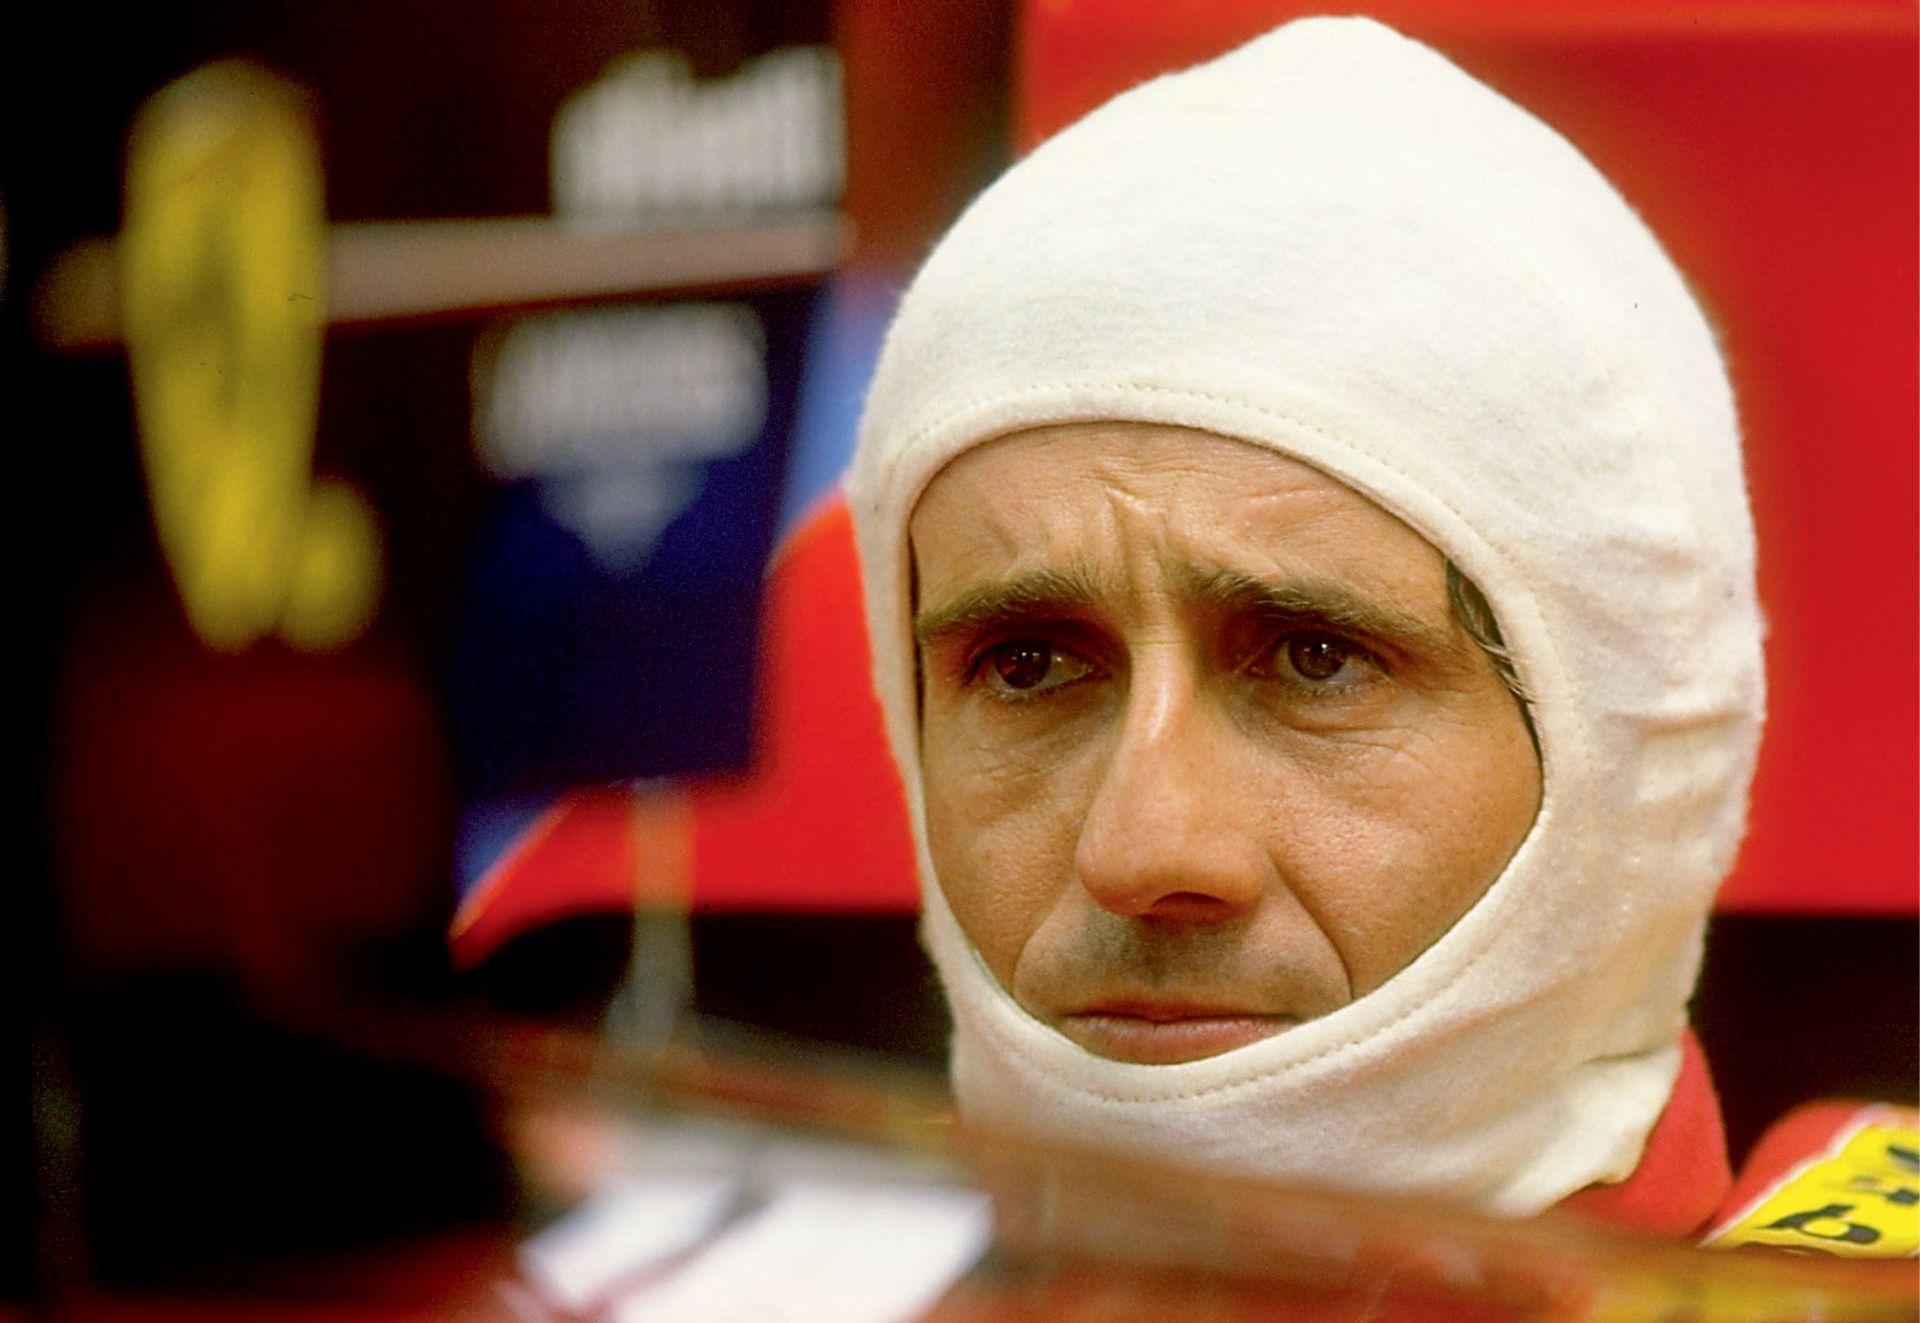 ALAIN PROST 'Sin nije smio gledati moje utrke, u prvoj koju je vidio poginuo je Senna'